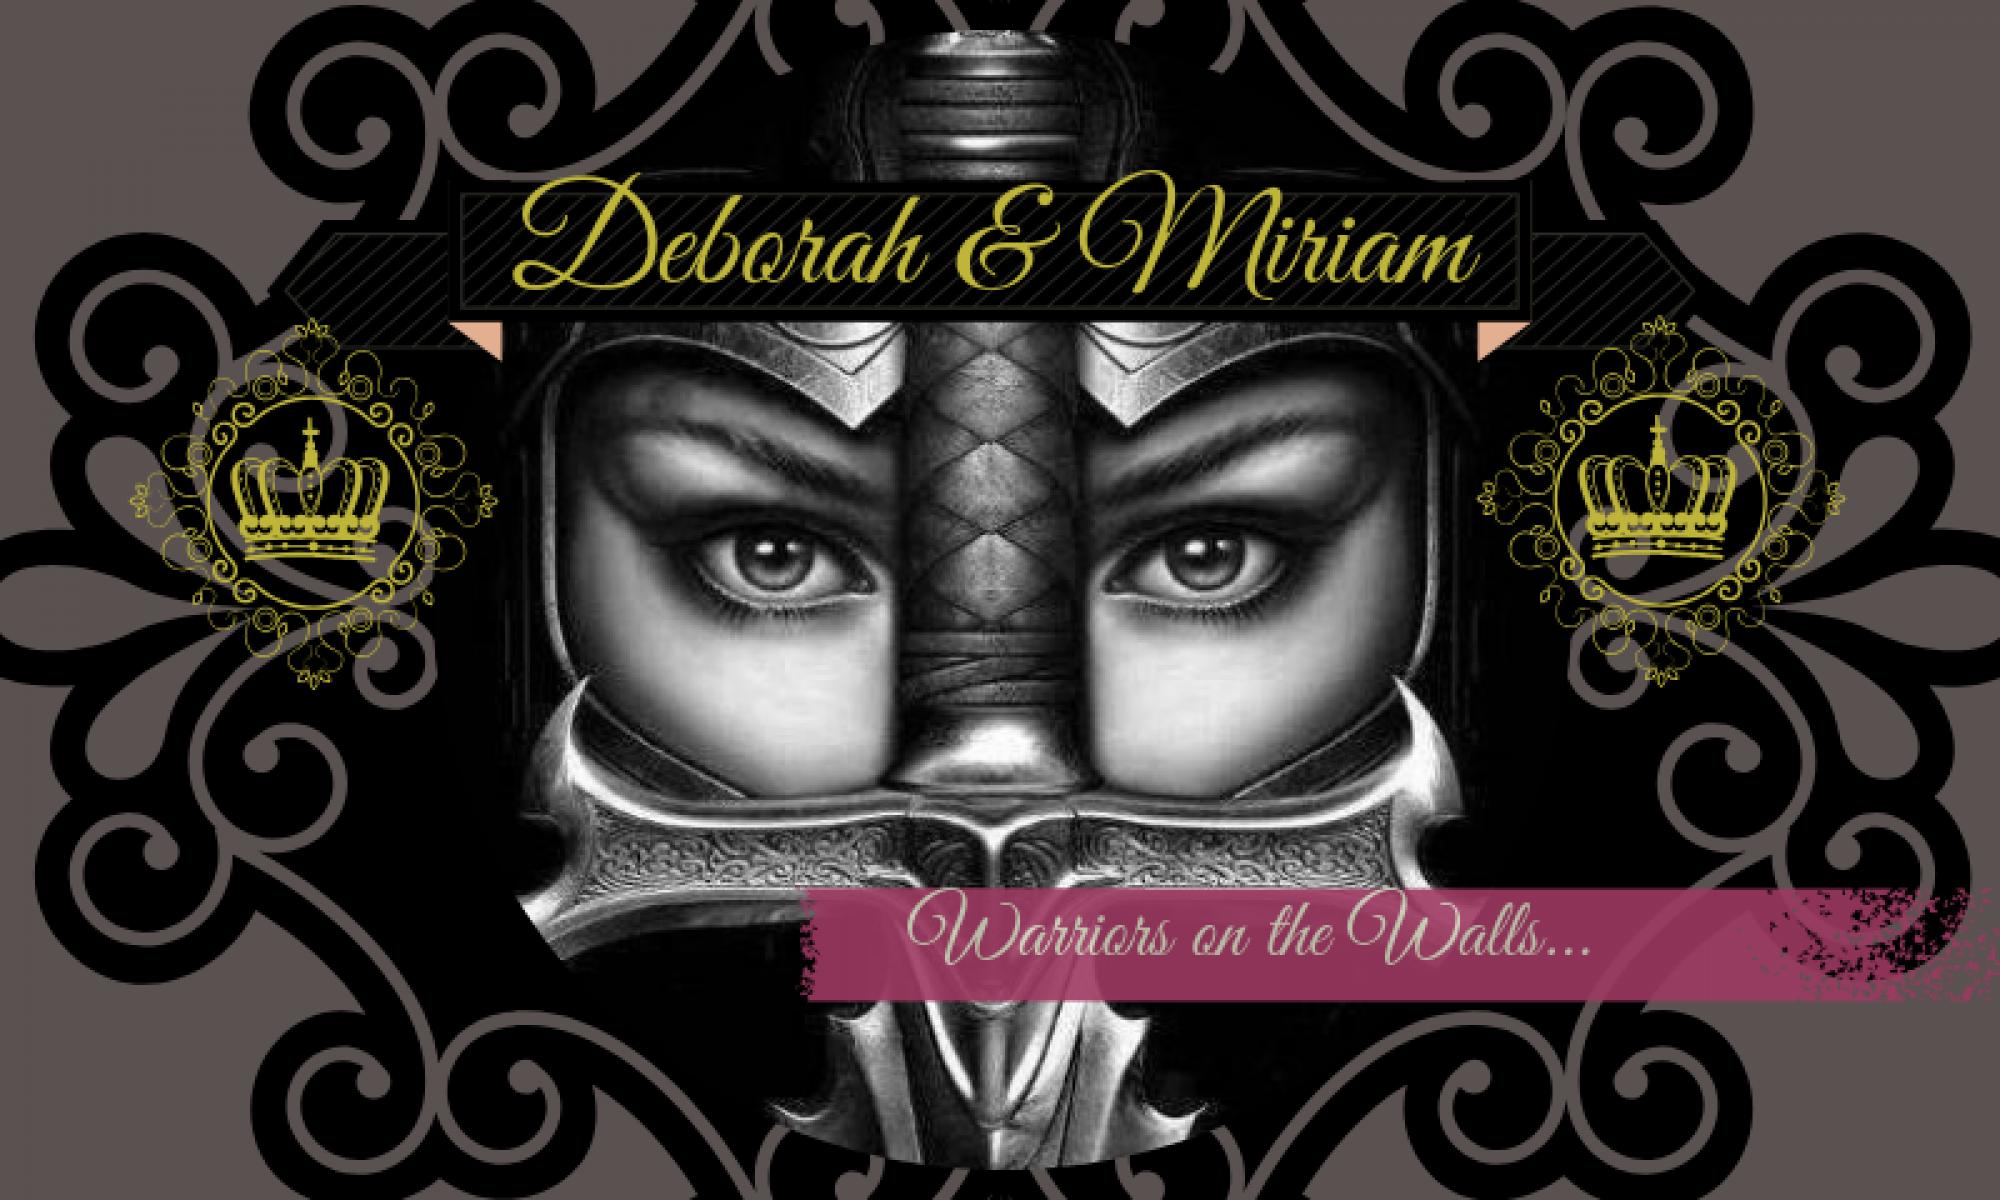 Deborah & Miriam